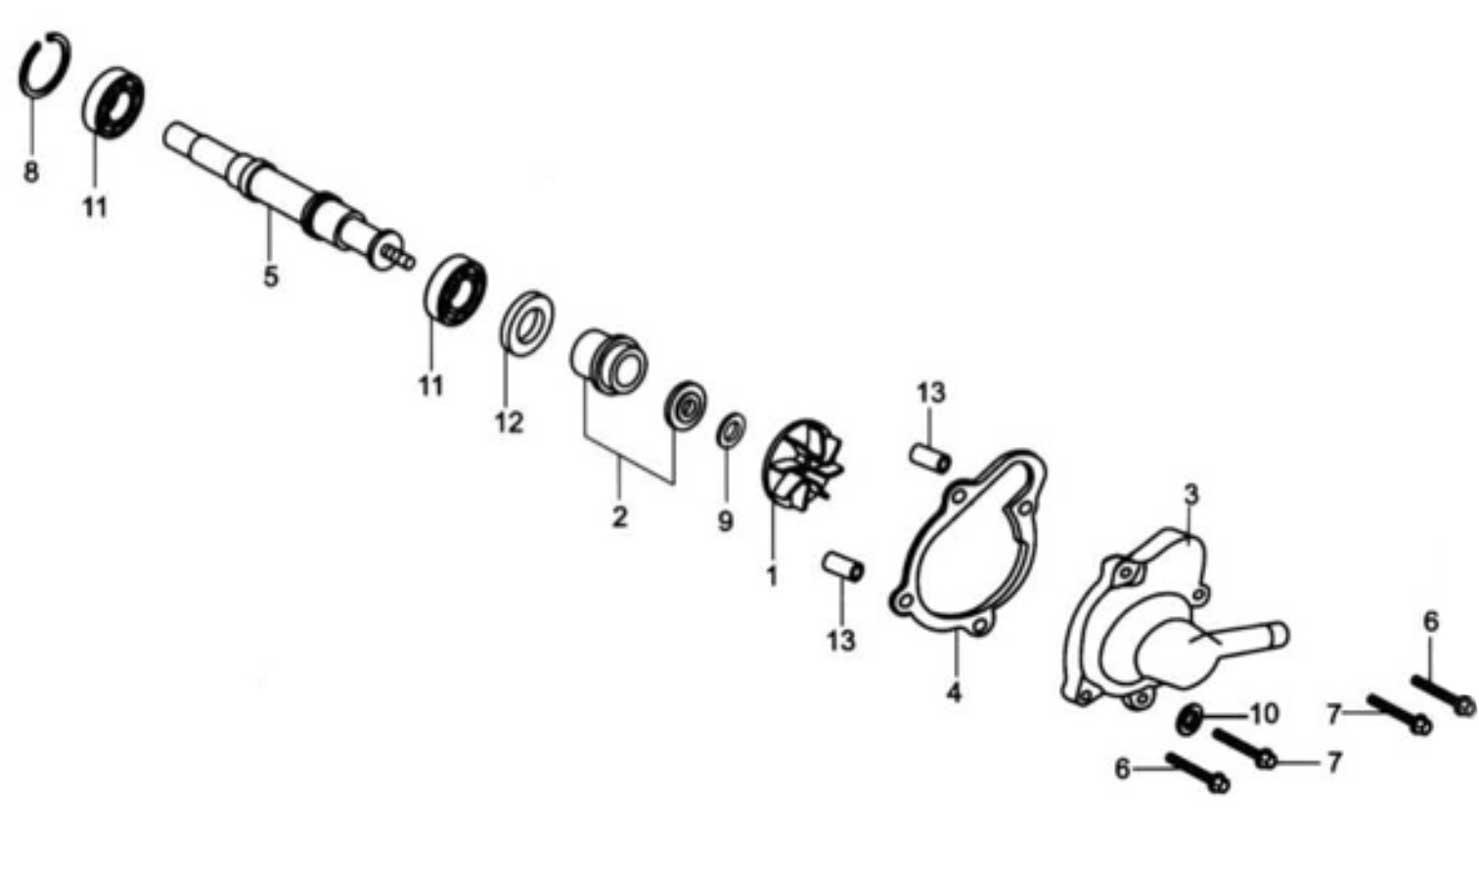 Roketa 250 Go Kart Wiring Diagram. Diagram. Auto Wiring